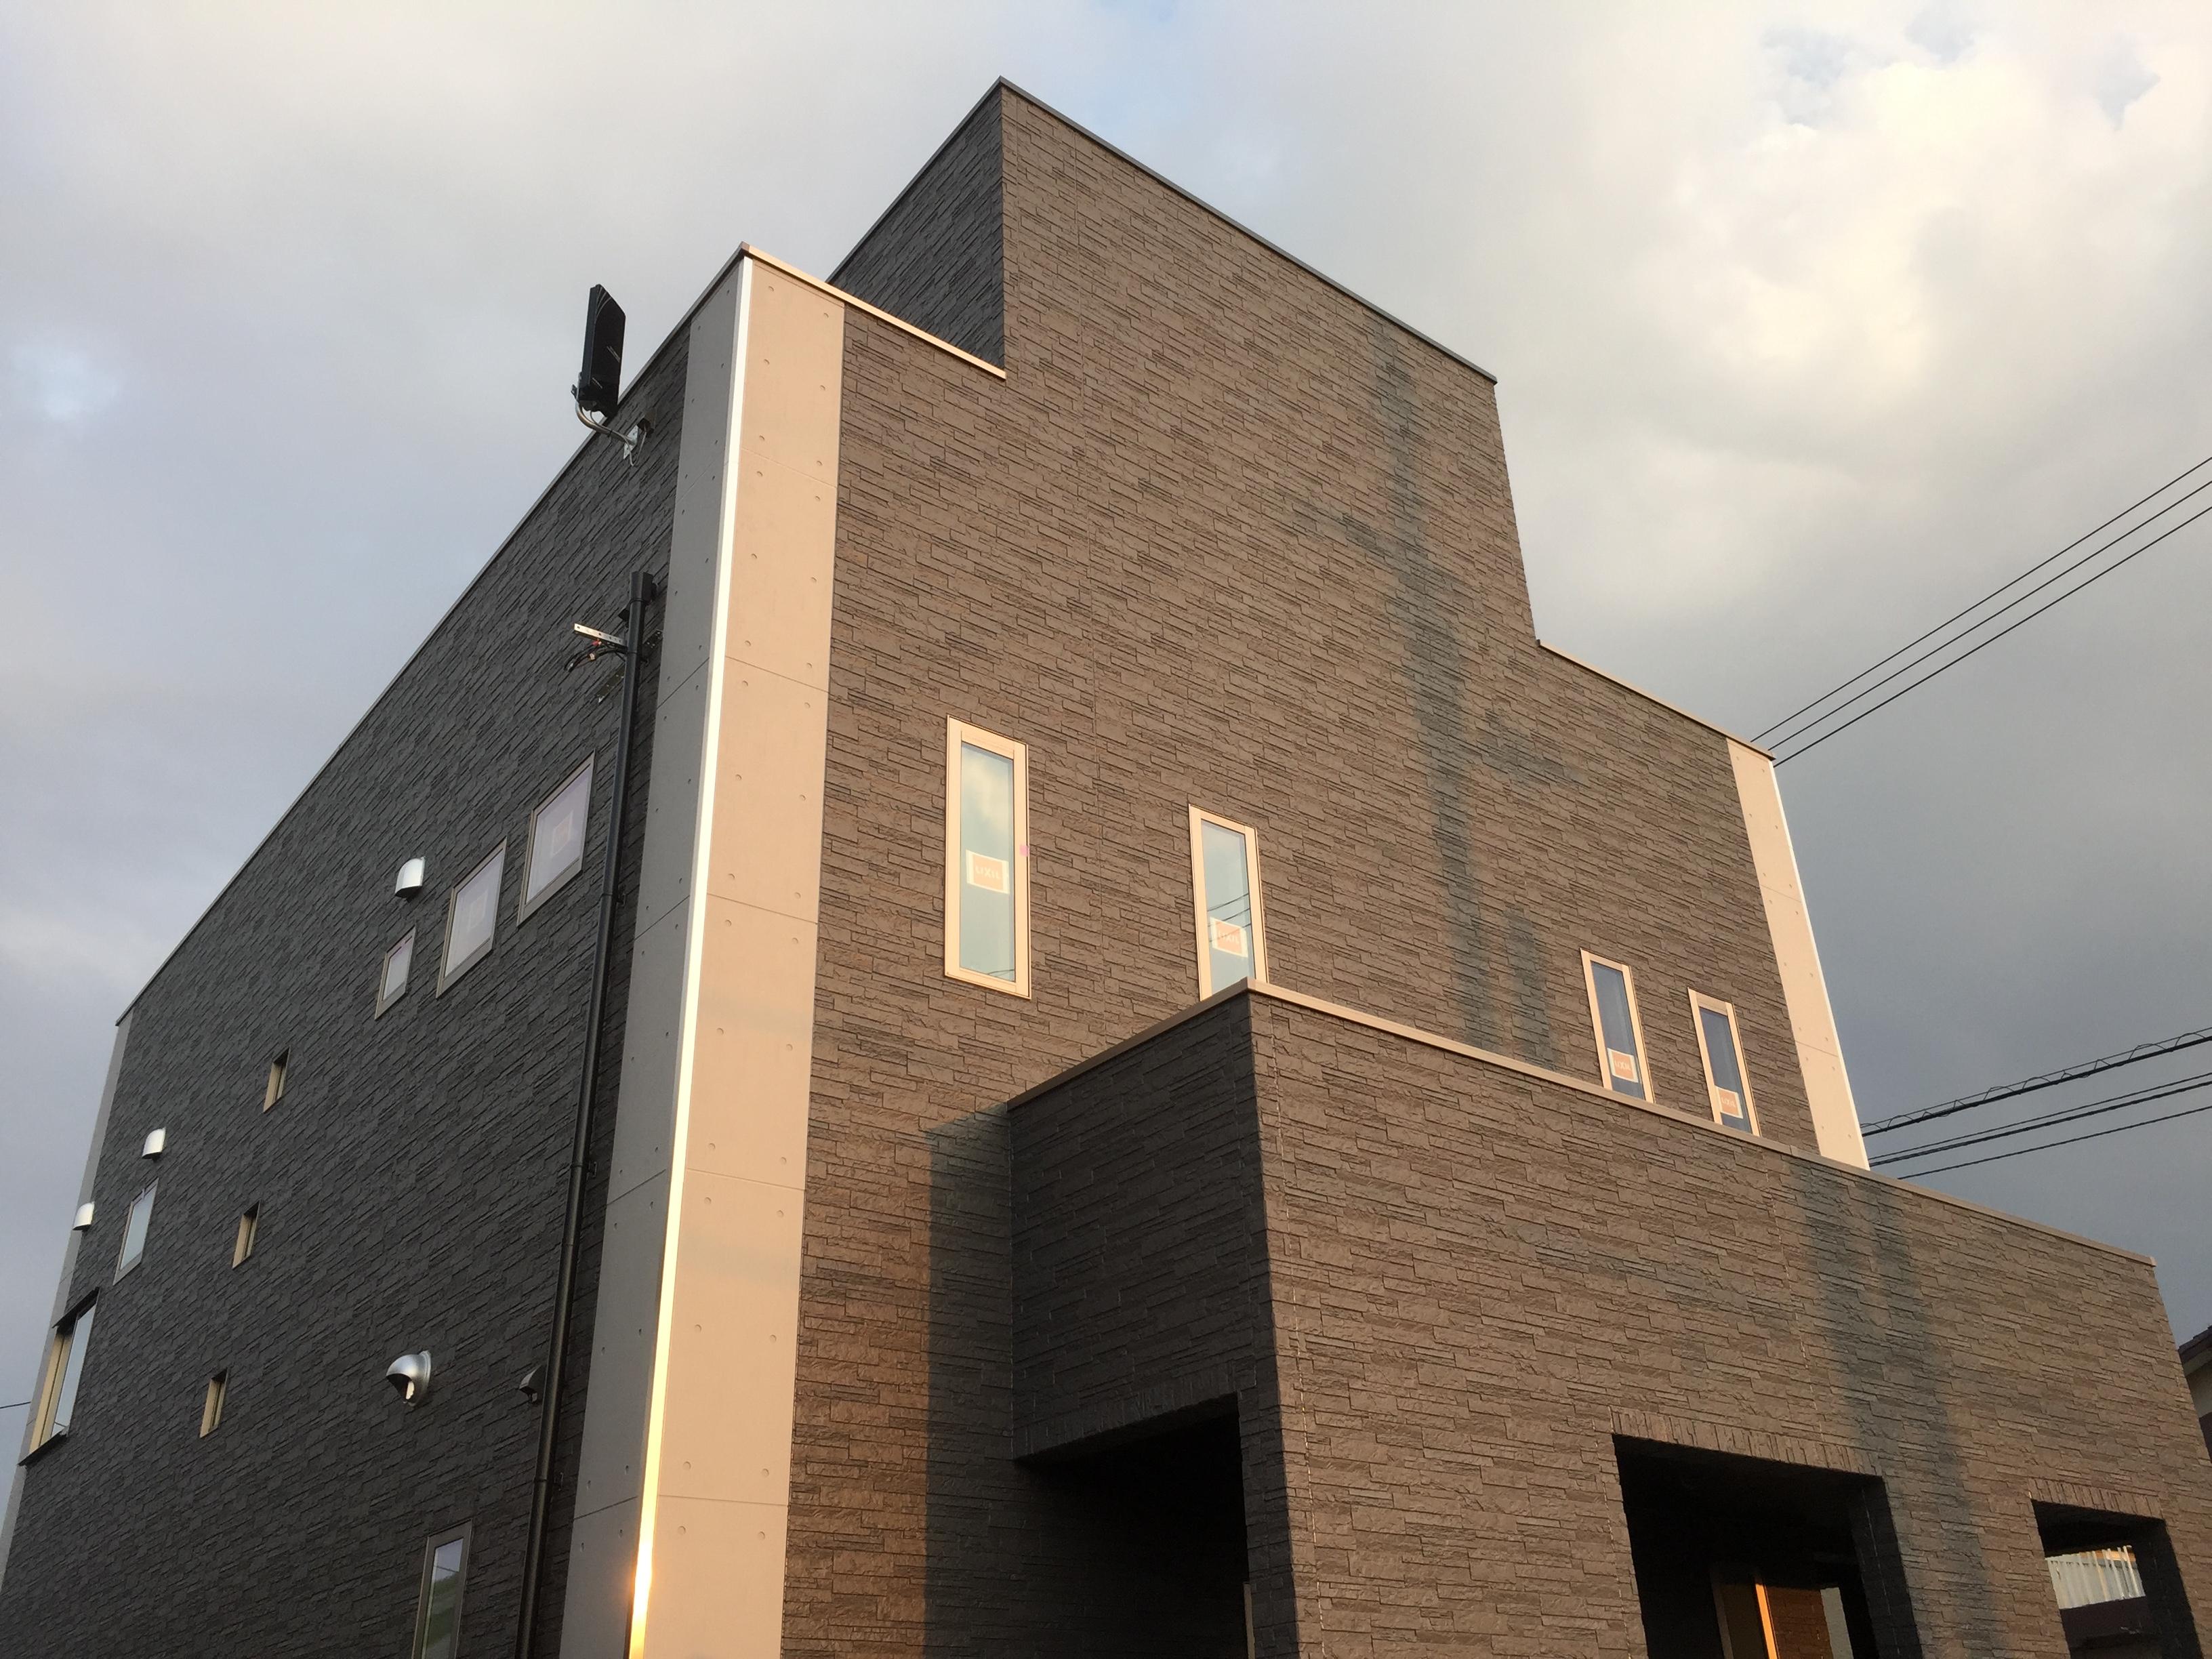 四国中央市で高級住宅の外観写真